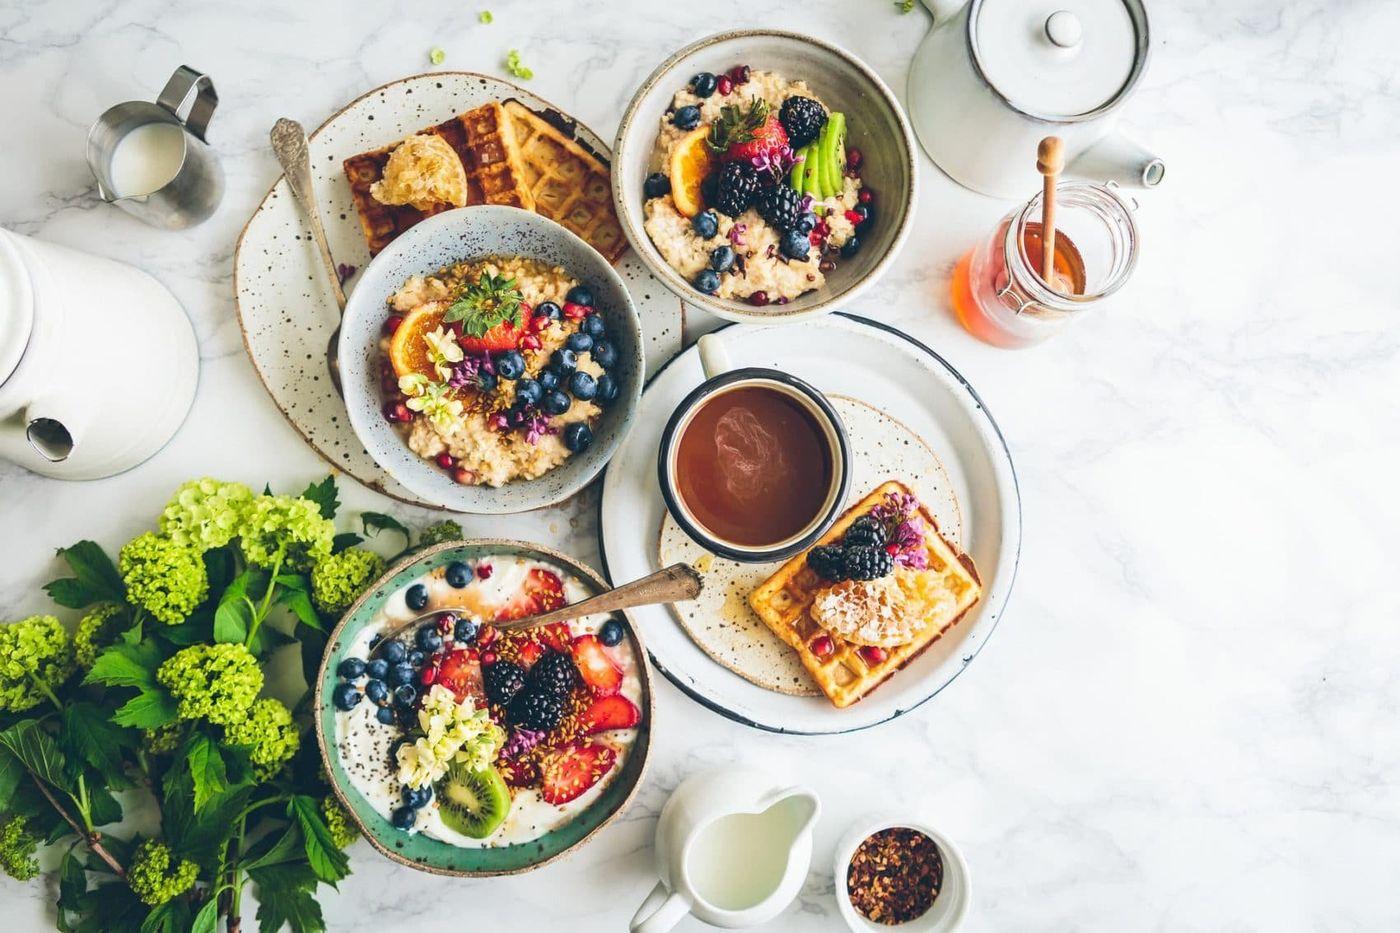 Illustrasjonsbilde til artikkel om mat-trender.jpg